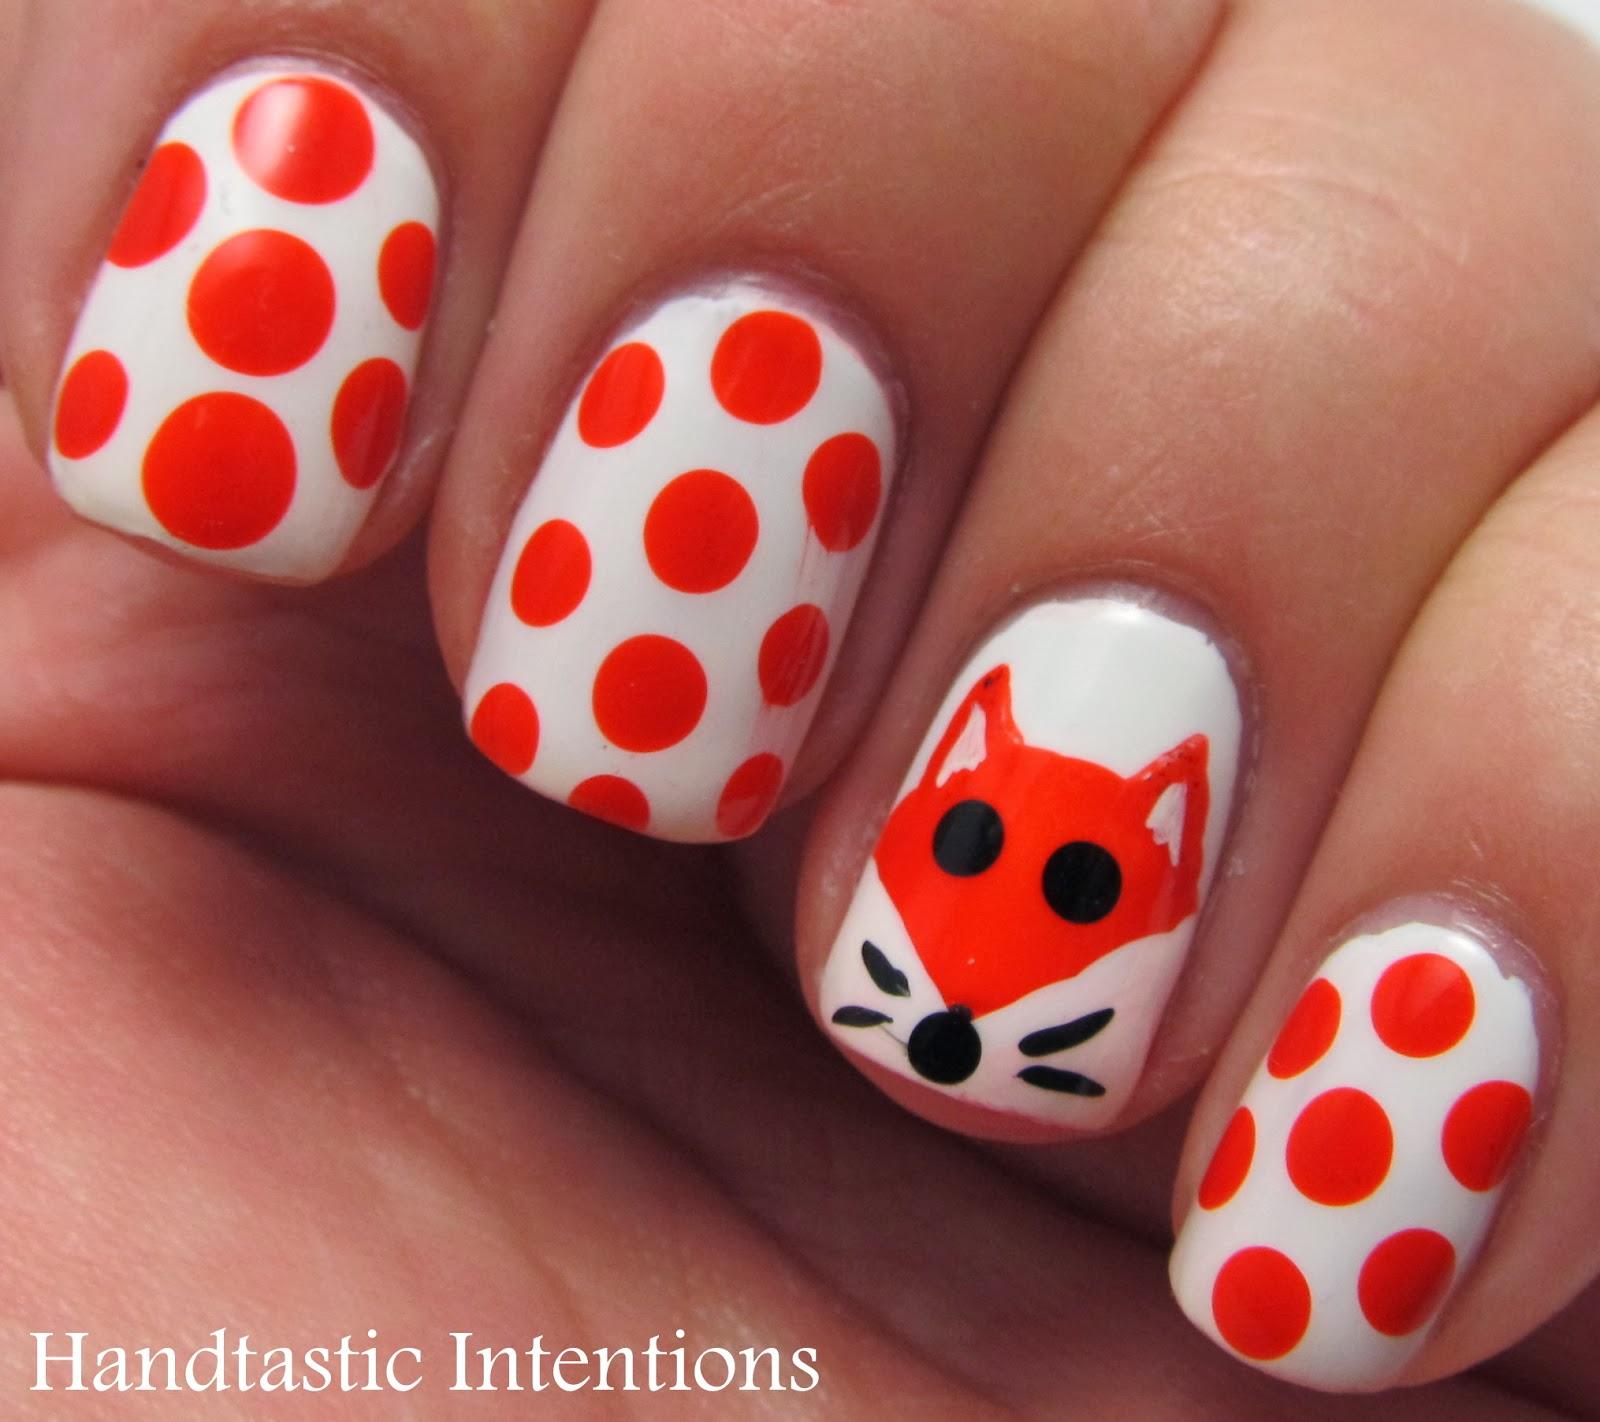 Fox Nail Designs: Handtastic Intentions: Nail Art: Fox For Nail Art November